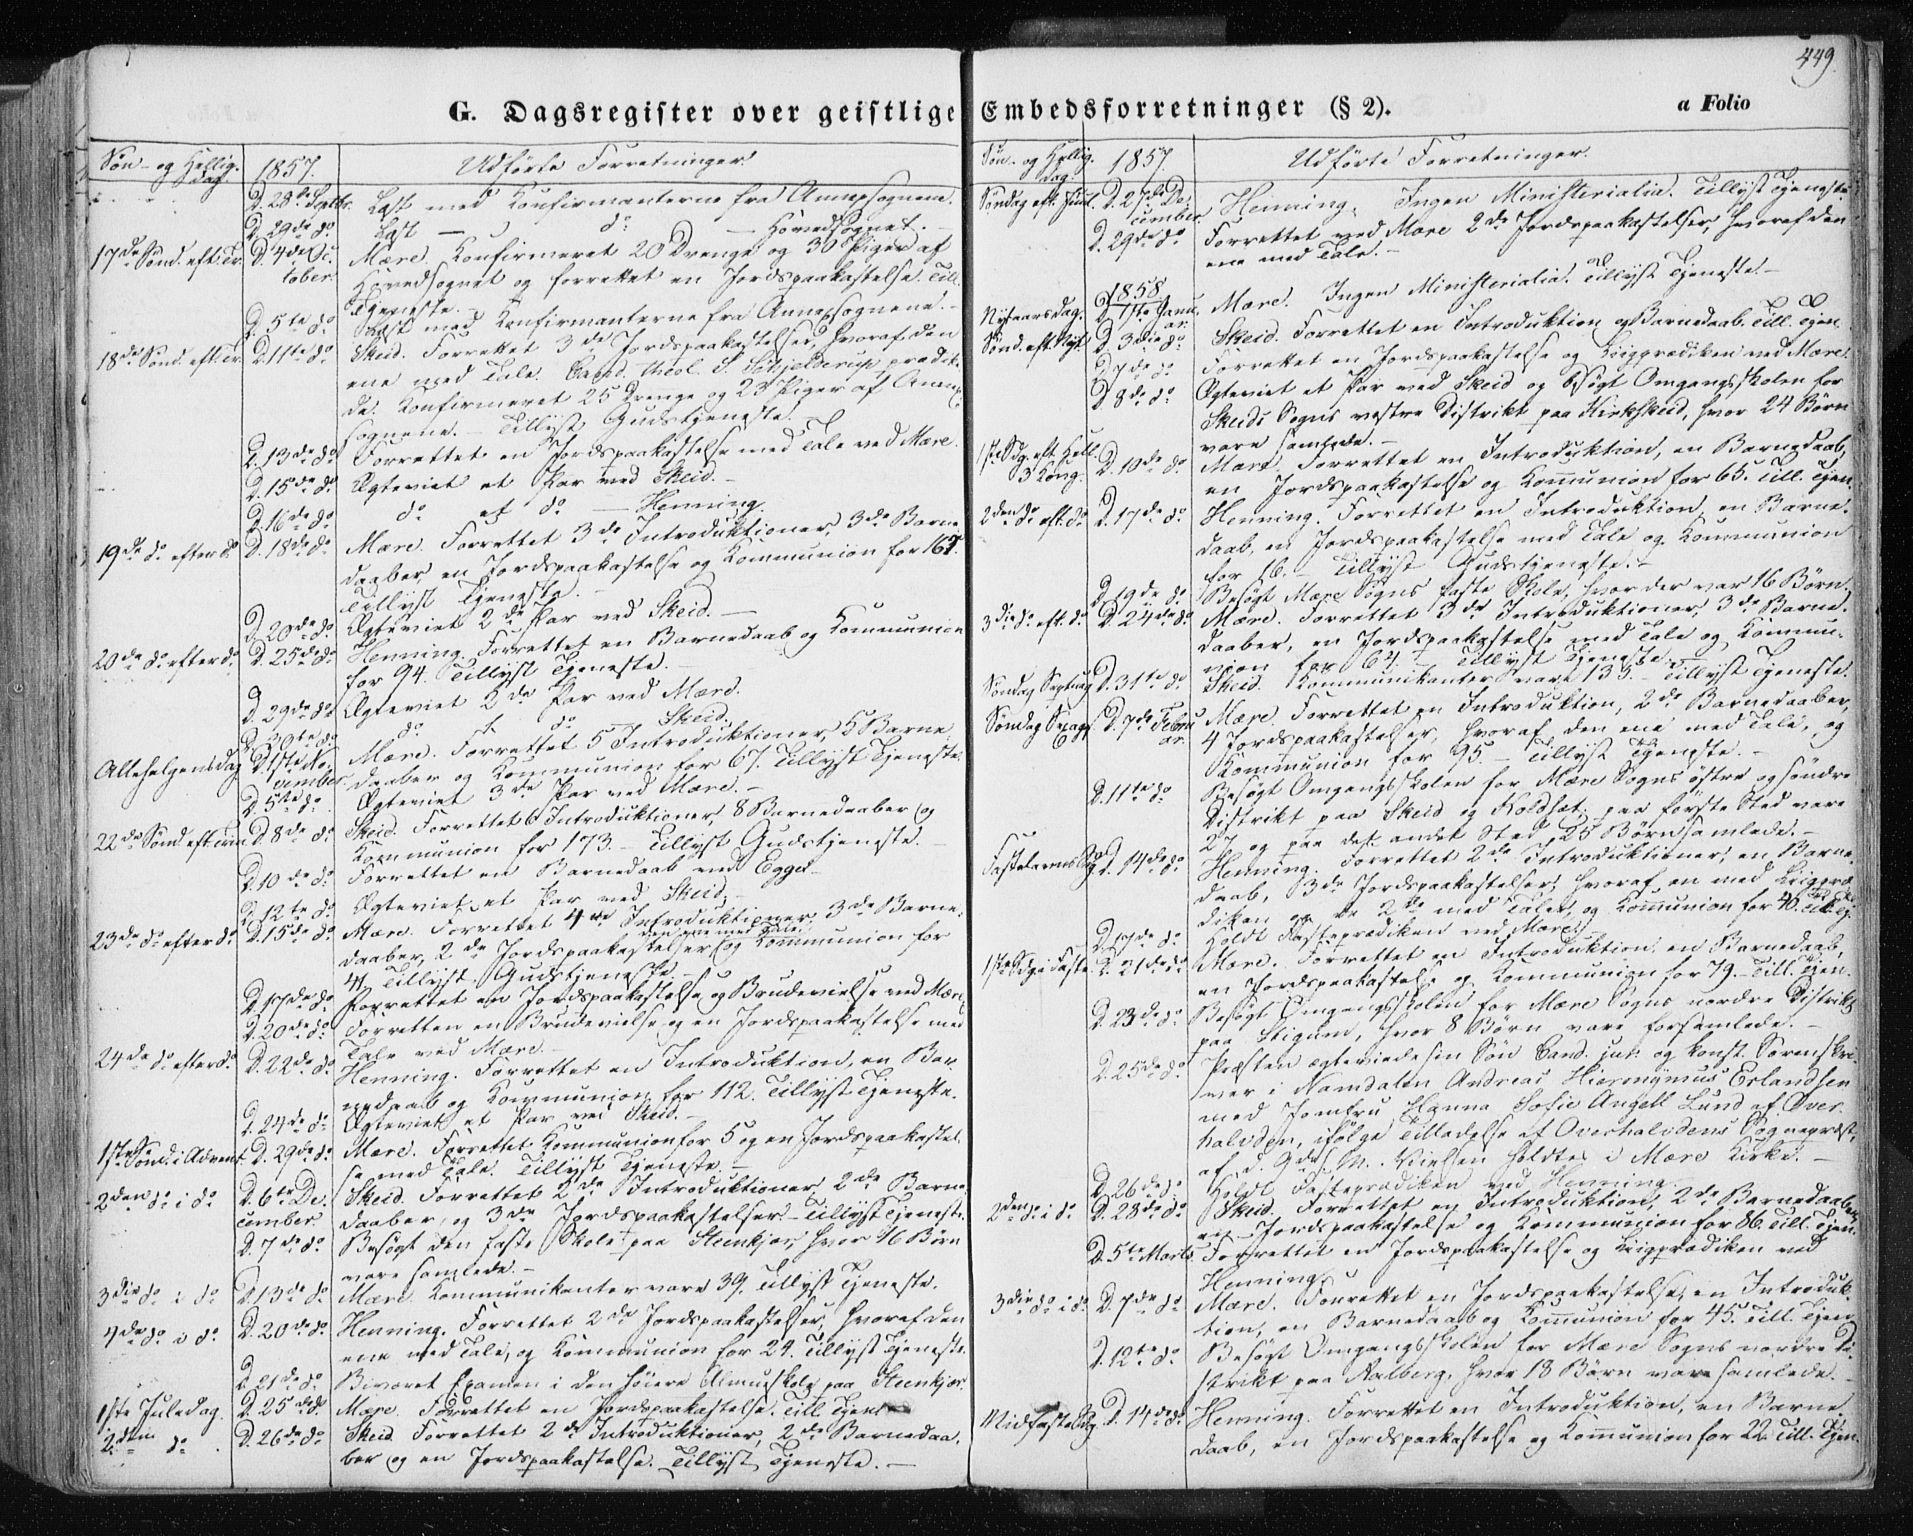 SAT, Ministerialprotokoller, klokkerbøker og fødselsregistre - Nord-Trøndelag, 735/L0342: Ministerialbok nr. 735A07 /1, 1849-1862, s. 449